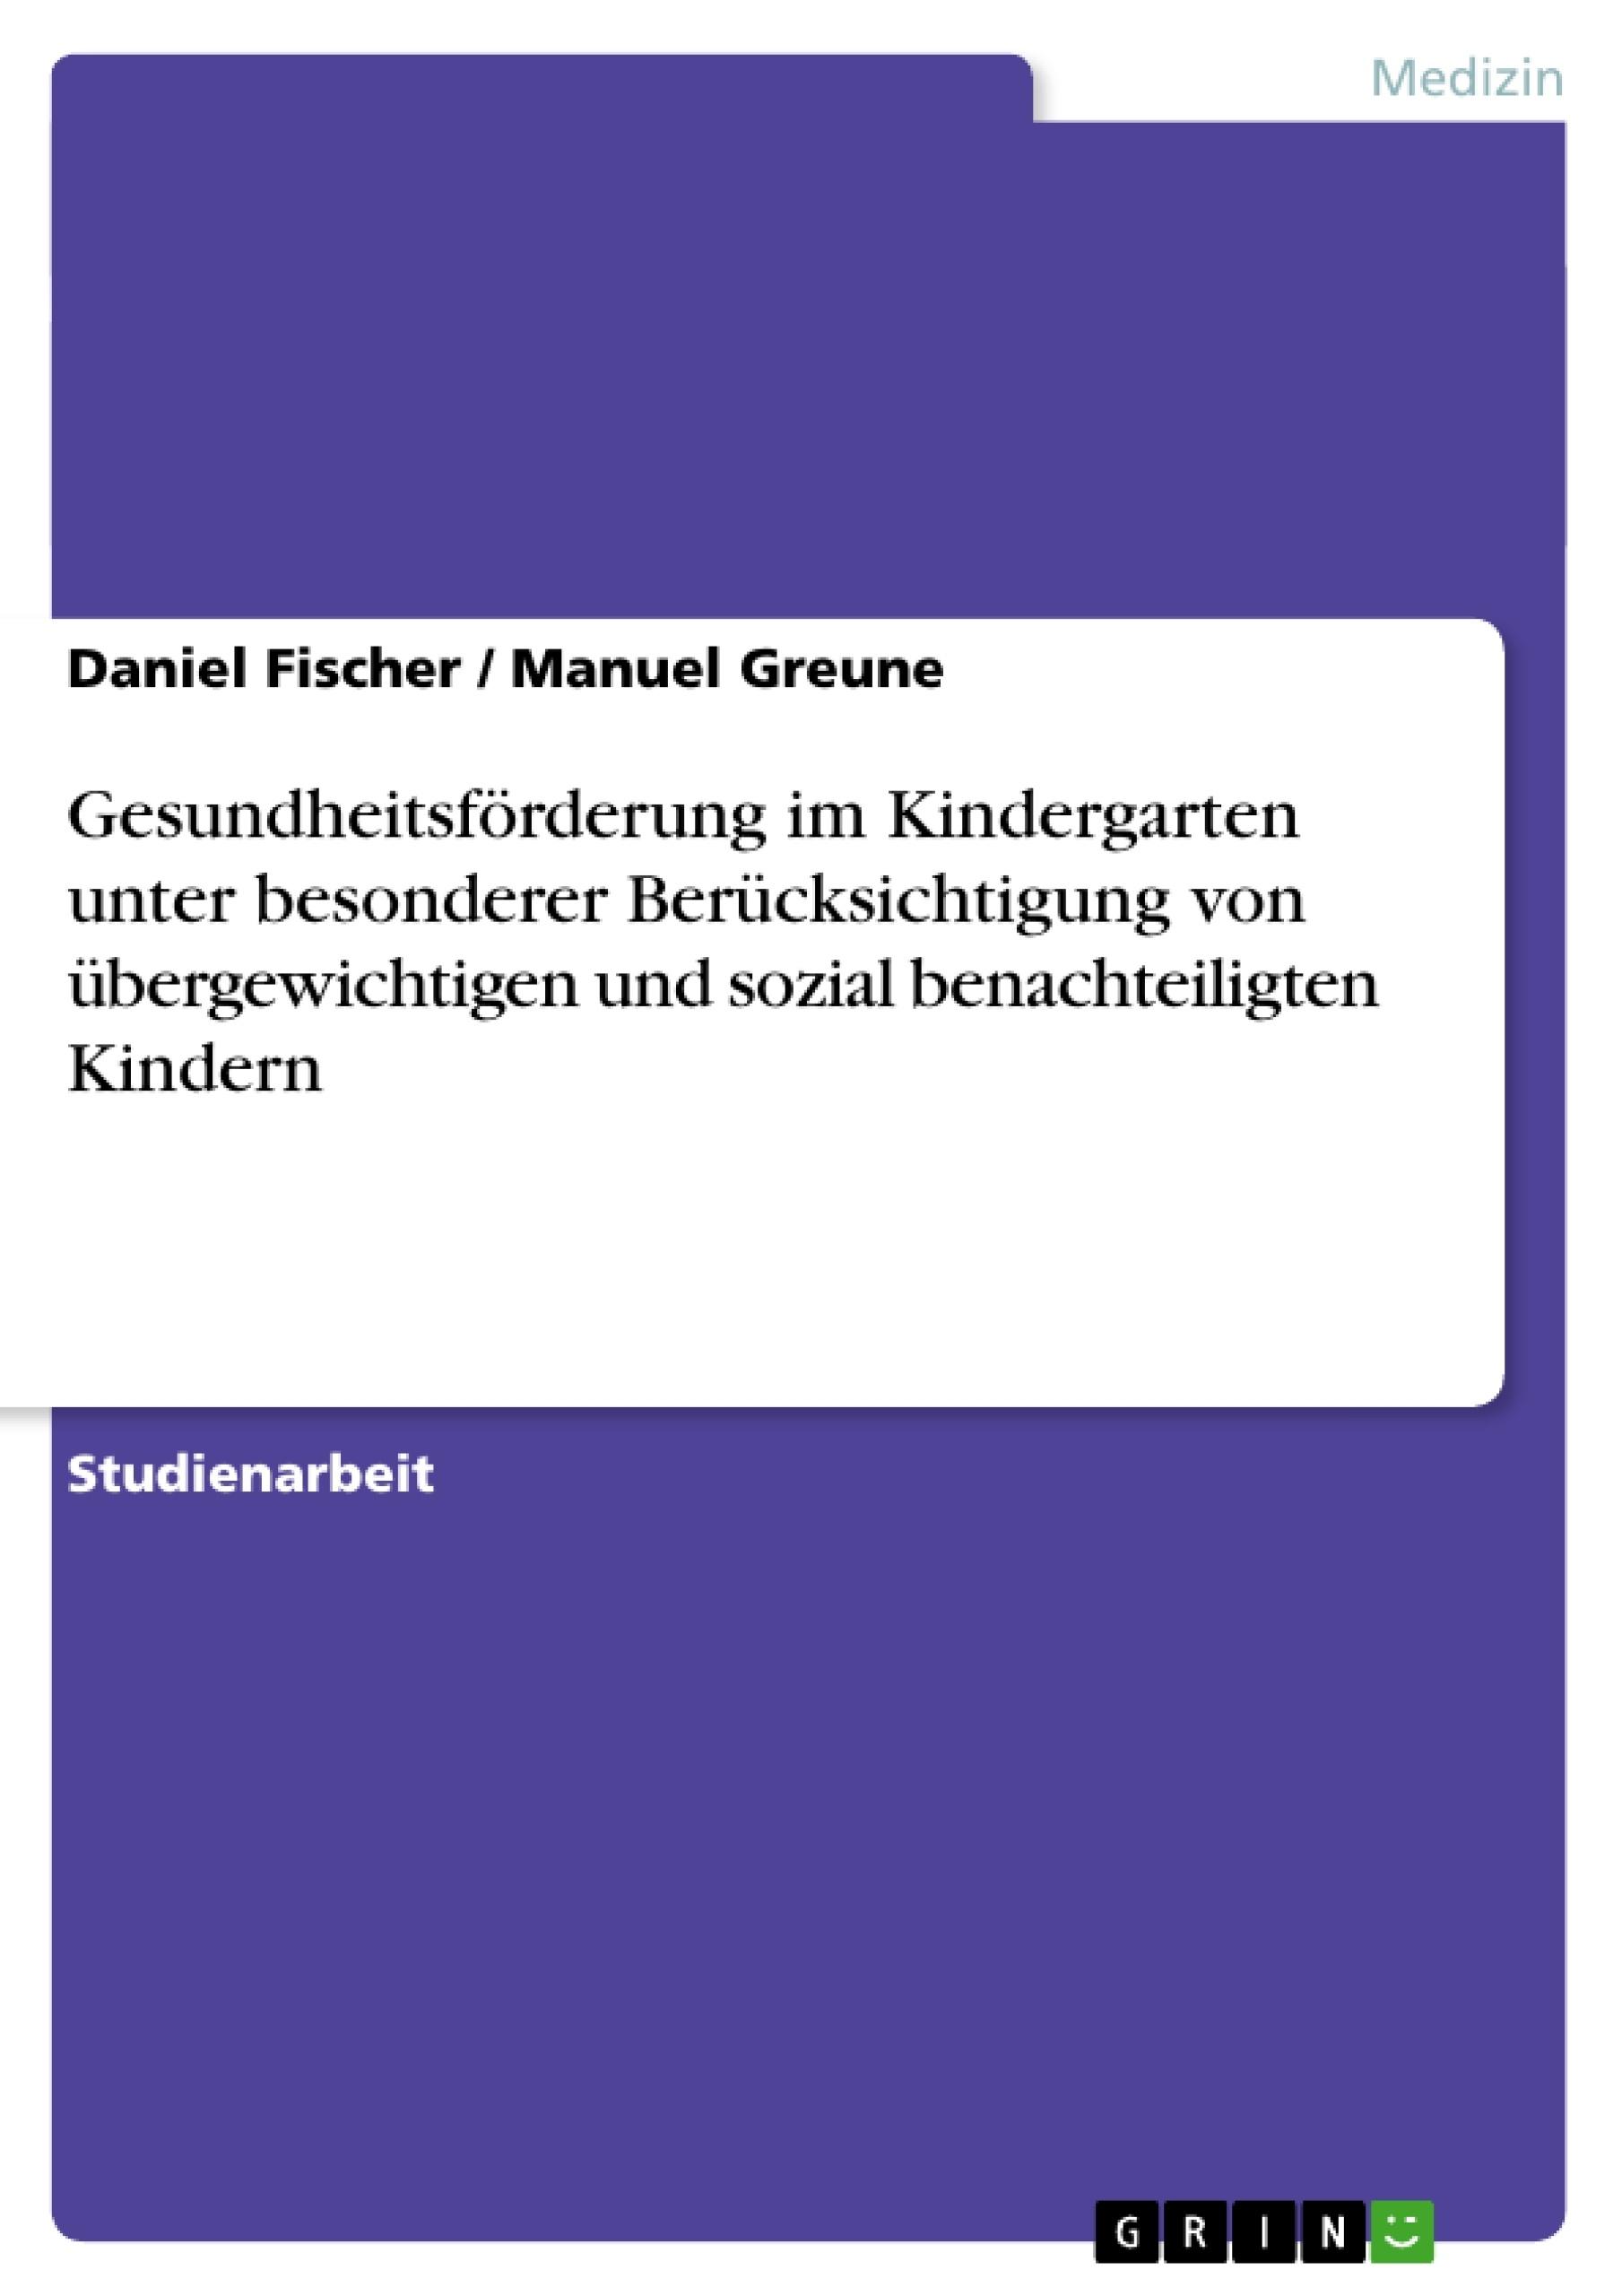 Titel: Gesundheitsförderung im Kindergarten unter besonderer Berücksichtigung von übergewichtigen und sozial benachteiligten Kindern